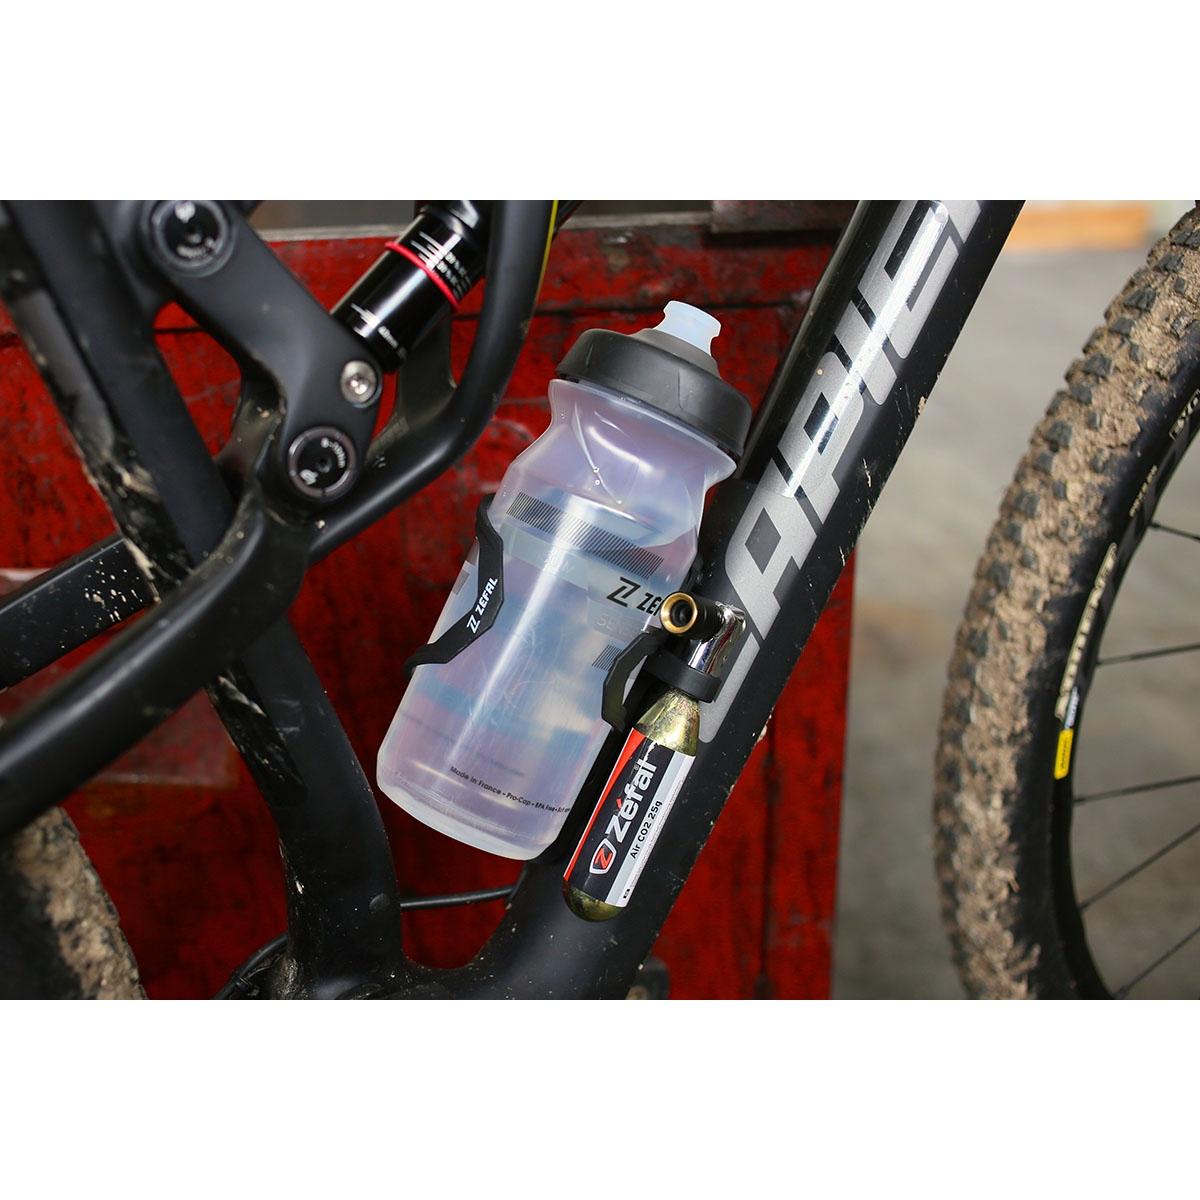 Bild von Zéfal Pulse Z2i Flaschenhalter + EZ Big Shot + 2X25g CO2 Kartuschen